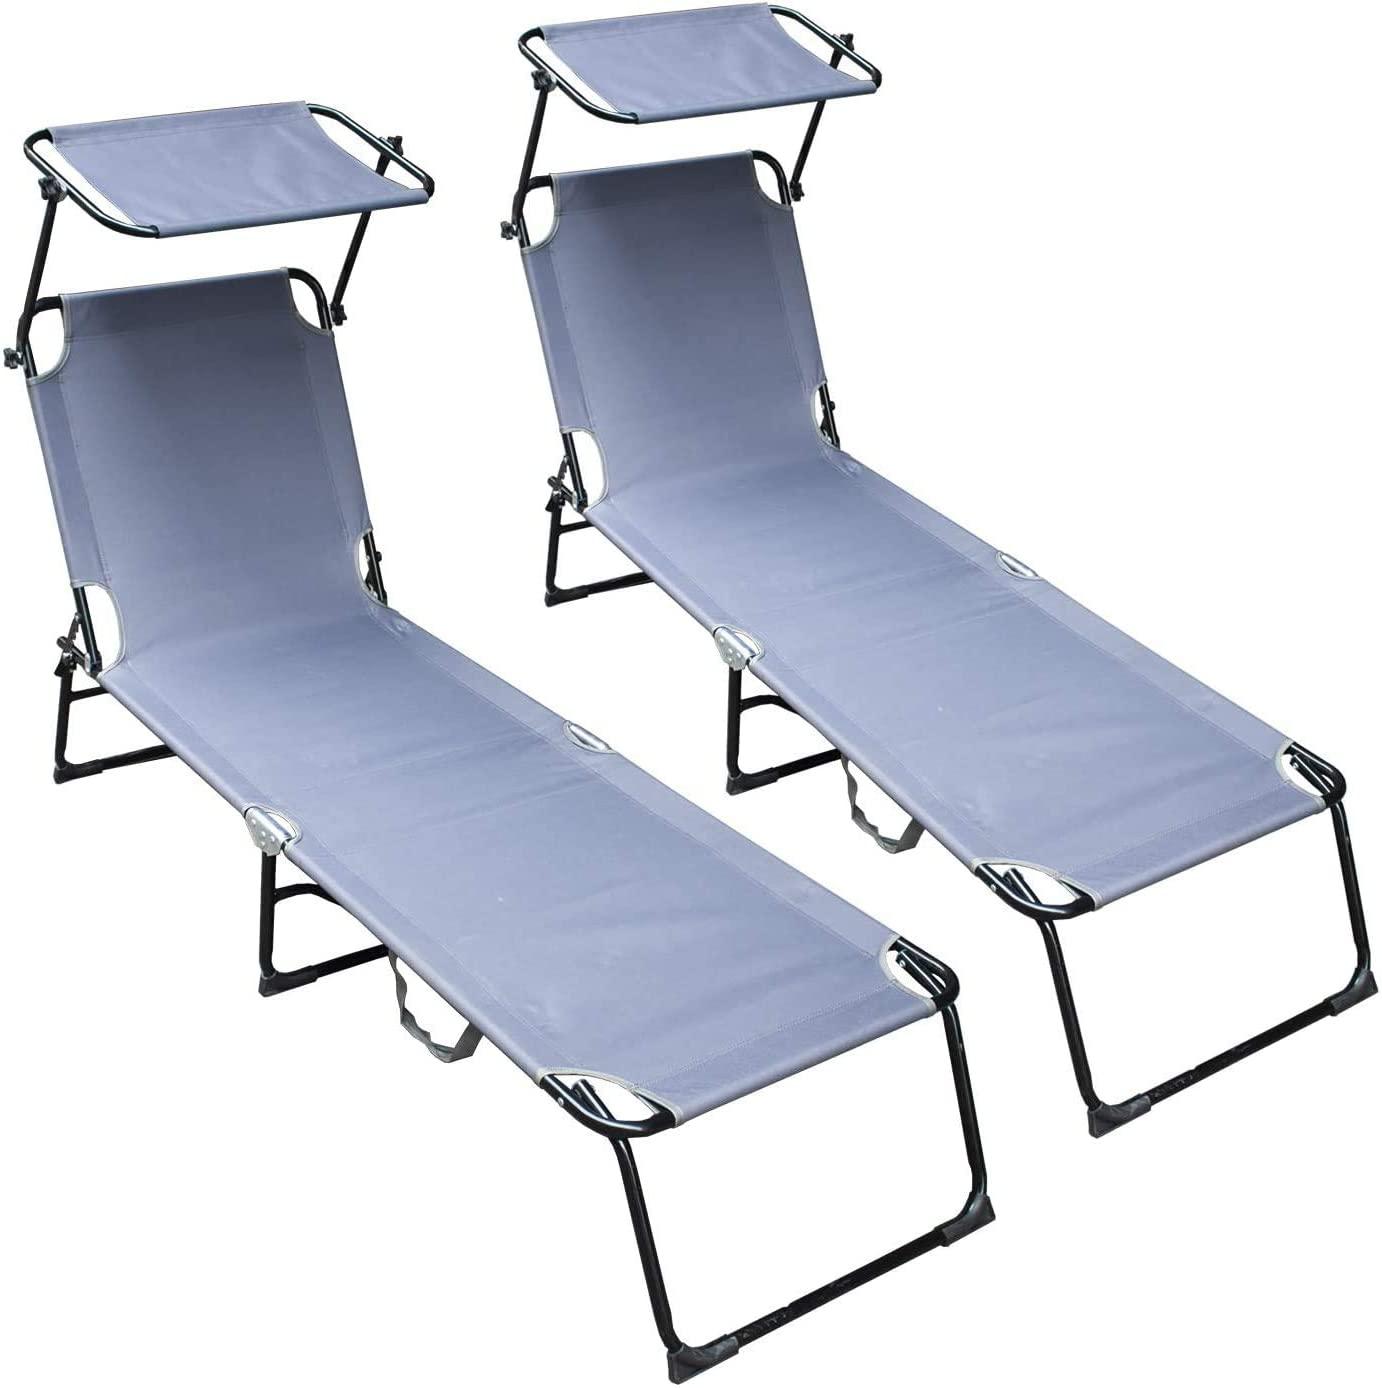 XKRSBS Garden Lounger Lightweight,Recliner Chair with Adjustable Sunshade,110KG Weight Capacity for Camping Beach Garden Outdoor(2X Grey)